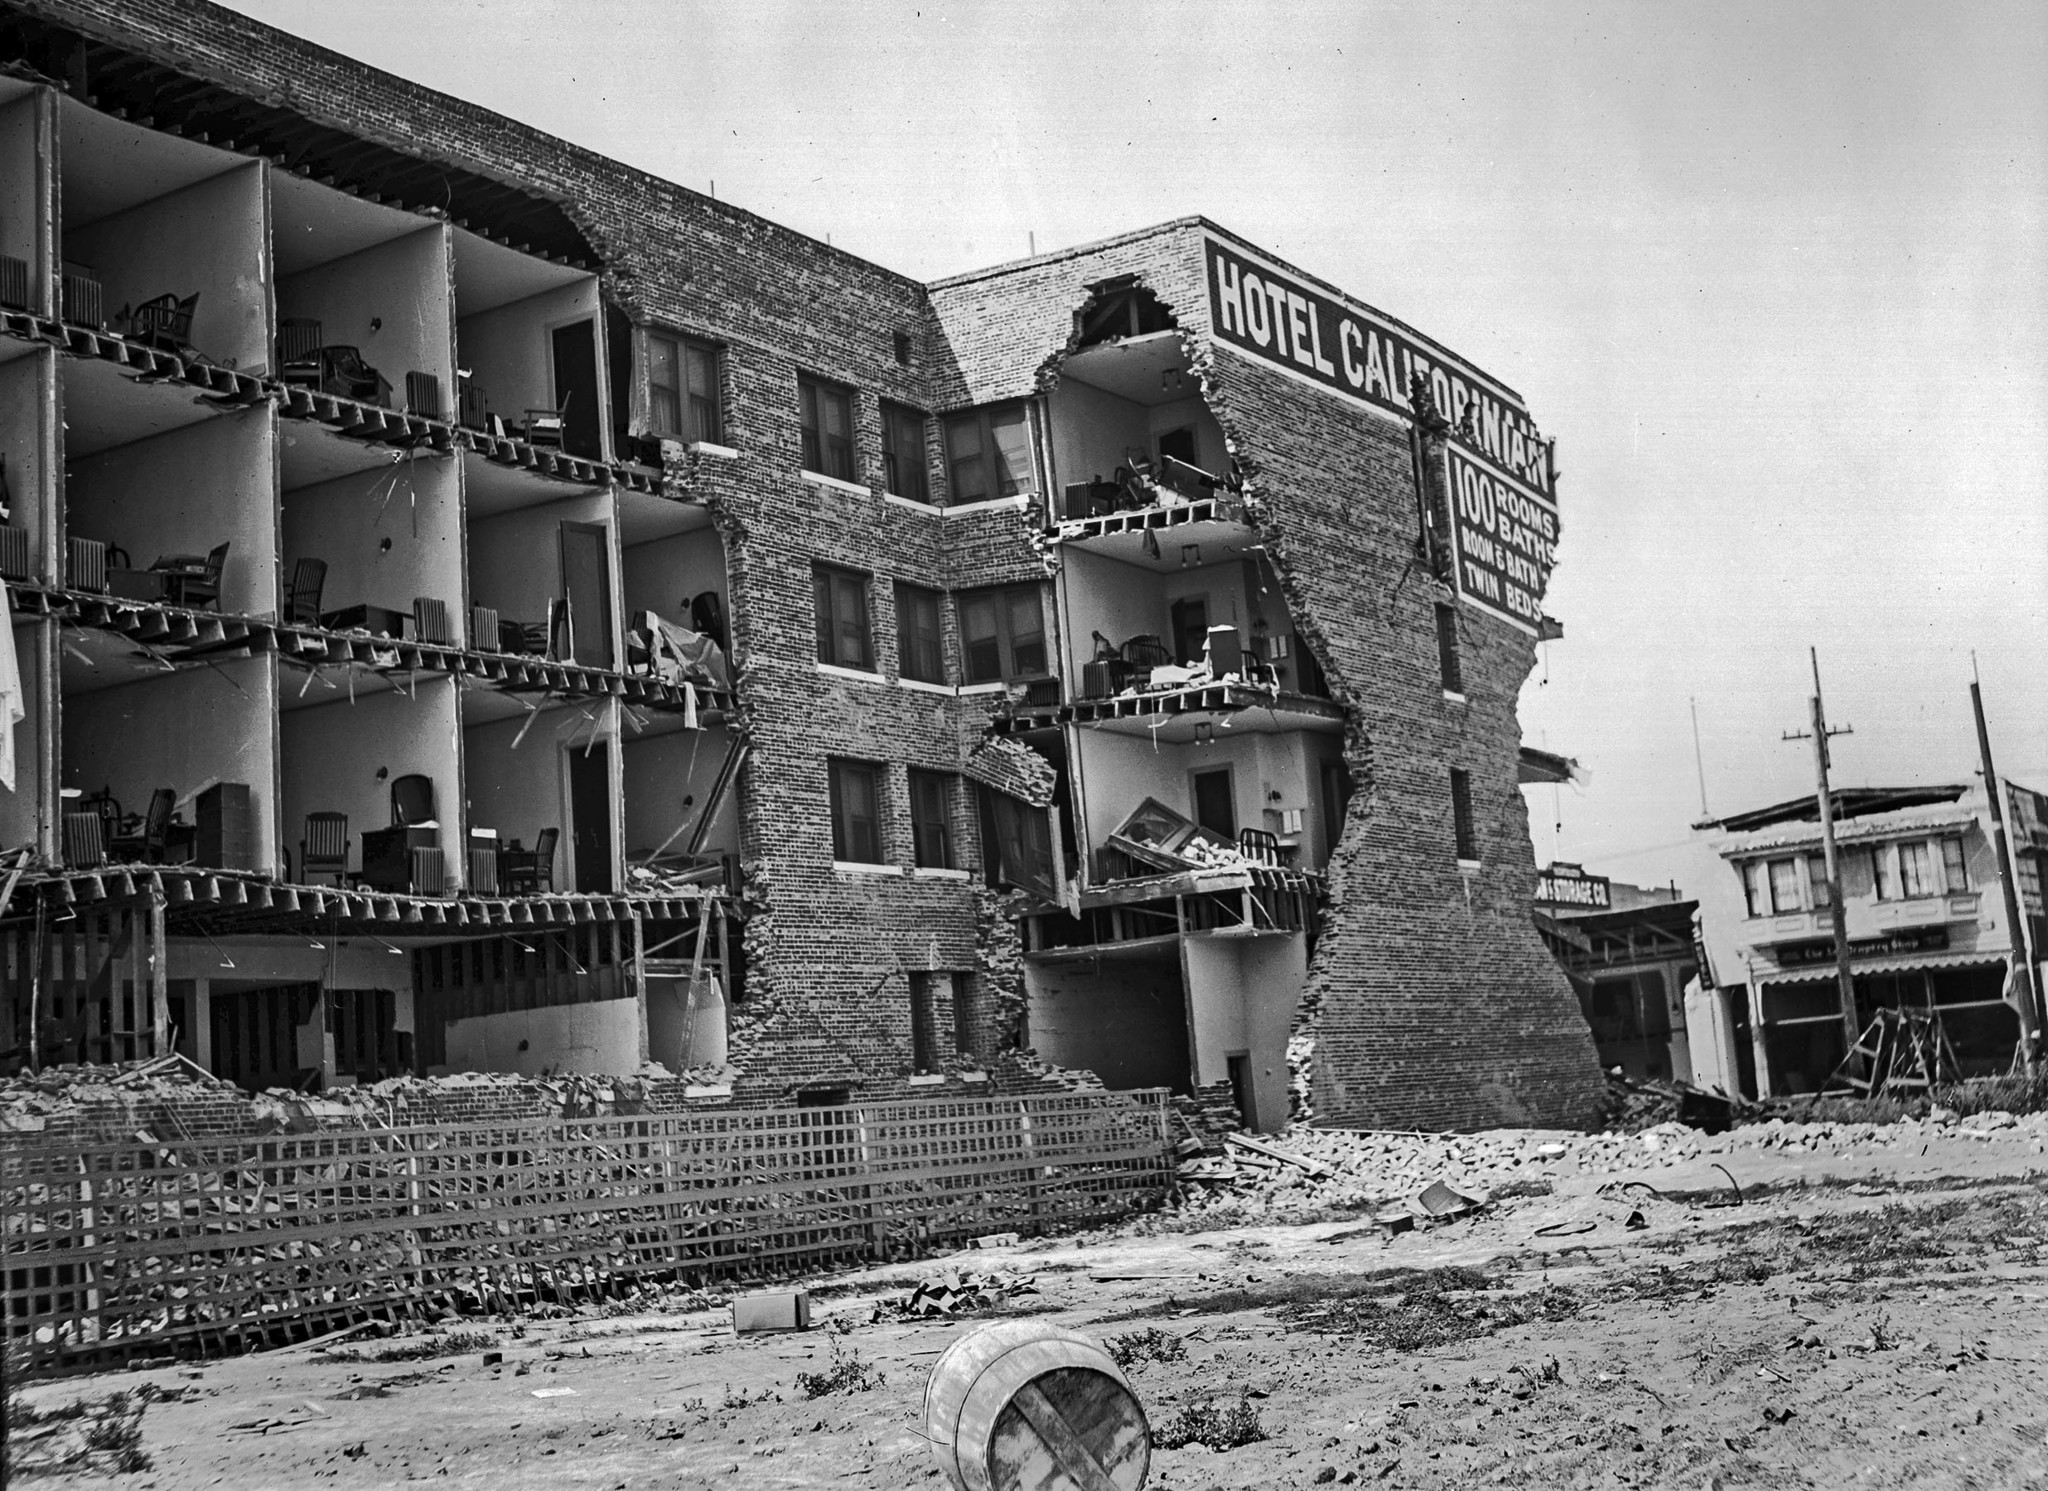 June 29, 1925: Damage at the Californian Hotel after Santa Barbara earthquake.